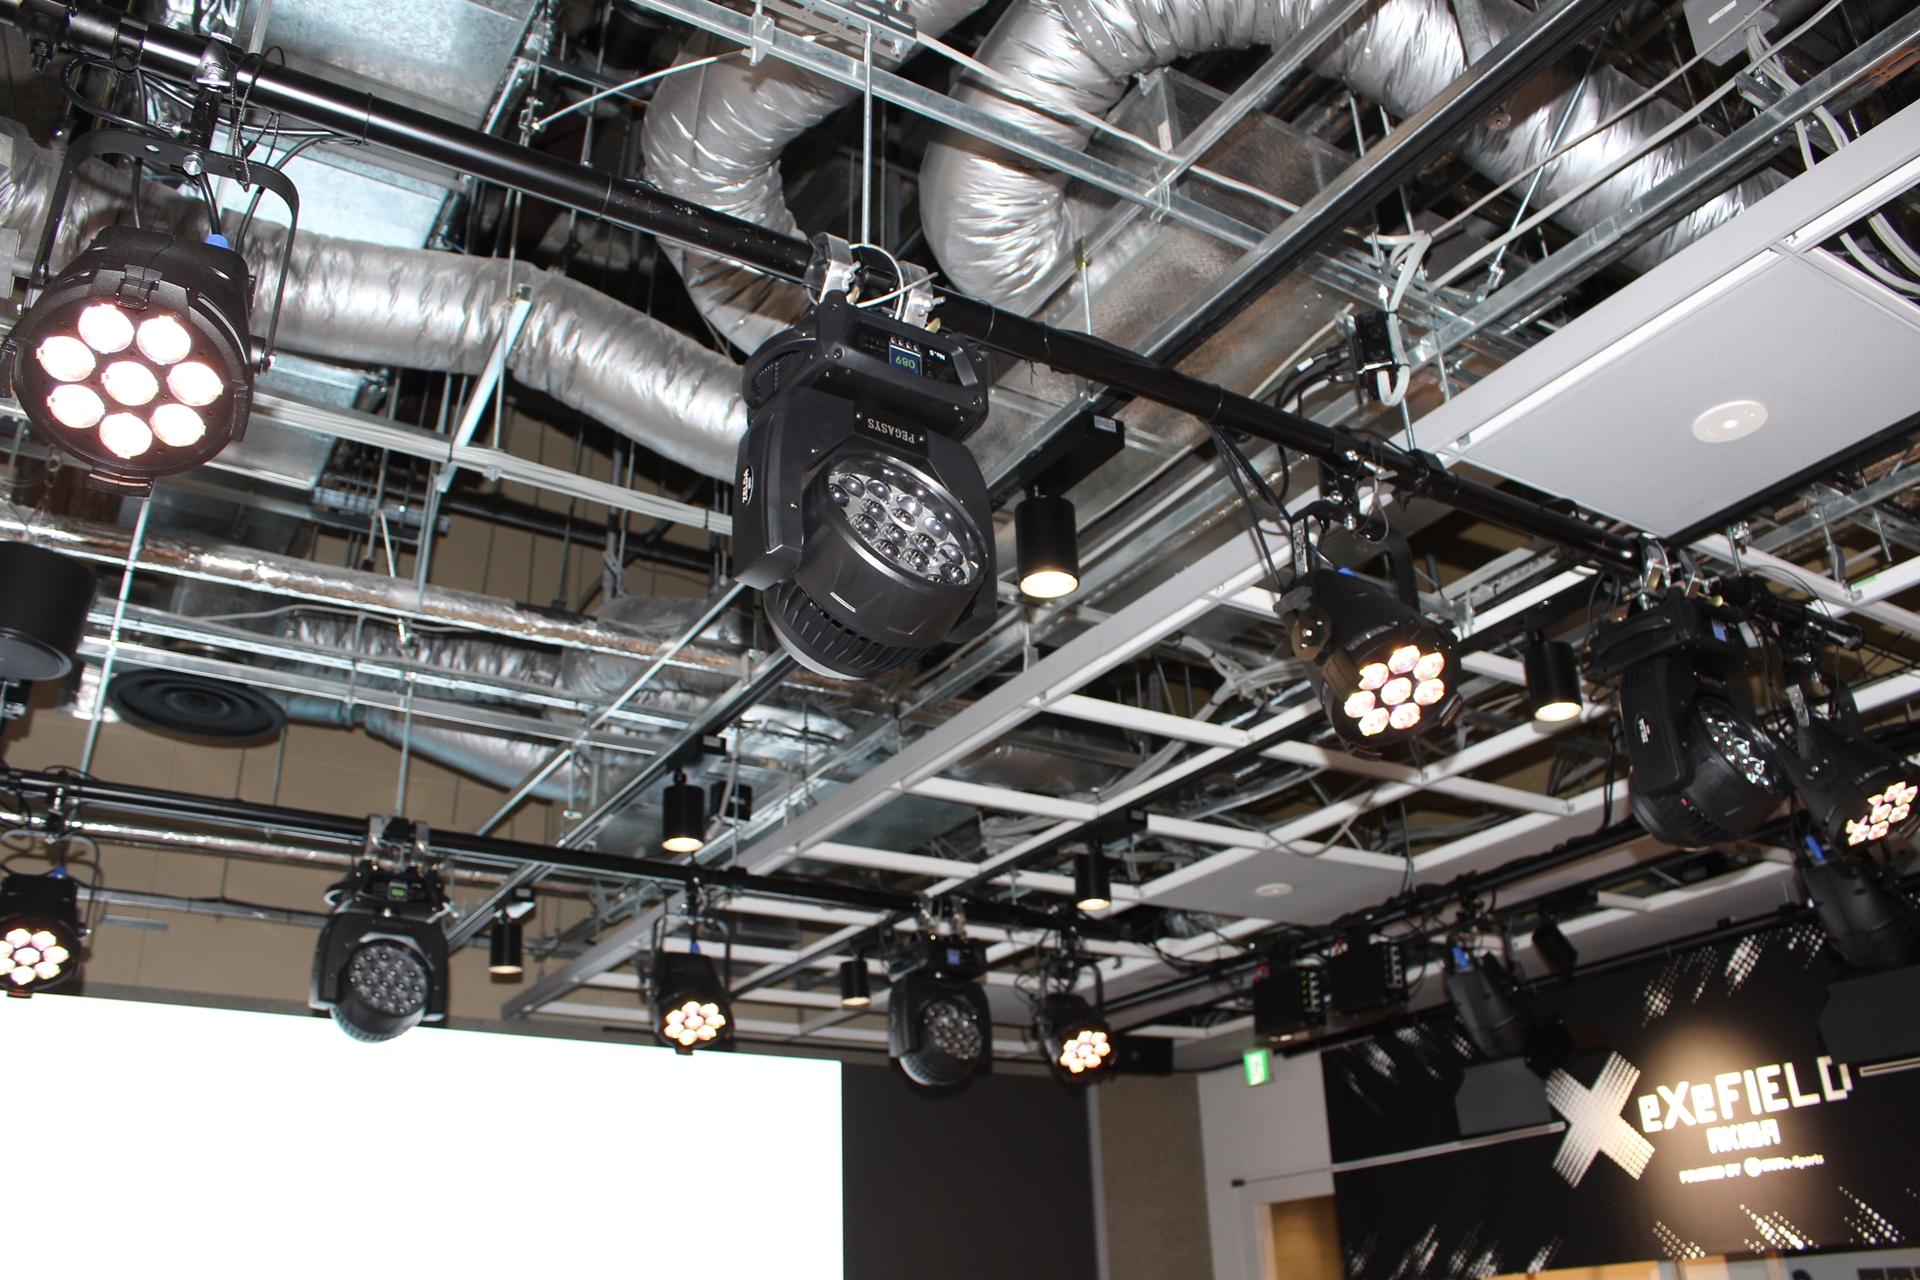 演出照明は天井に合計20基を設置している